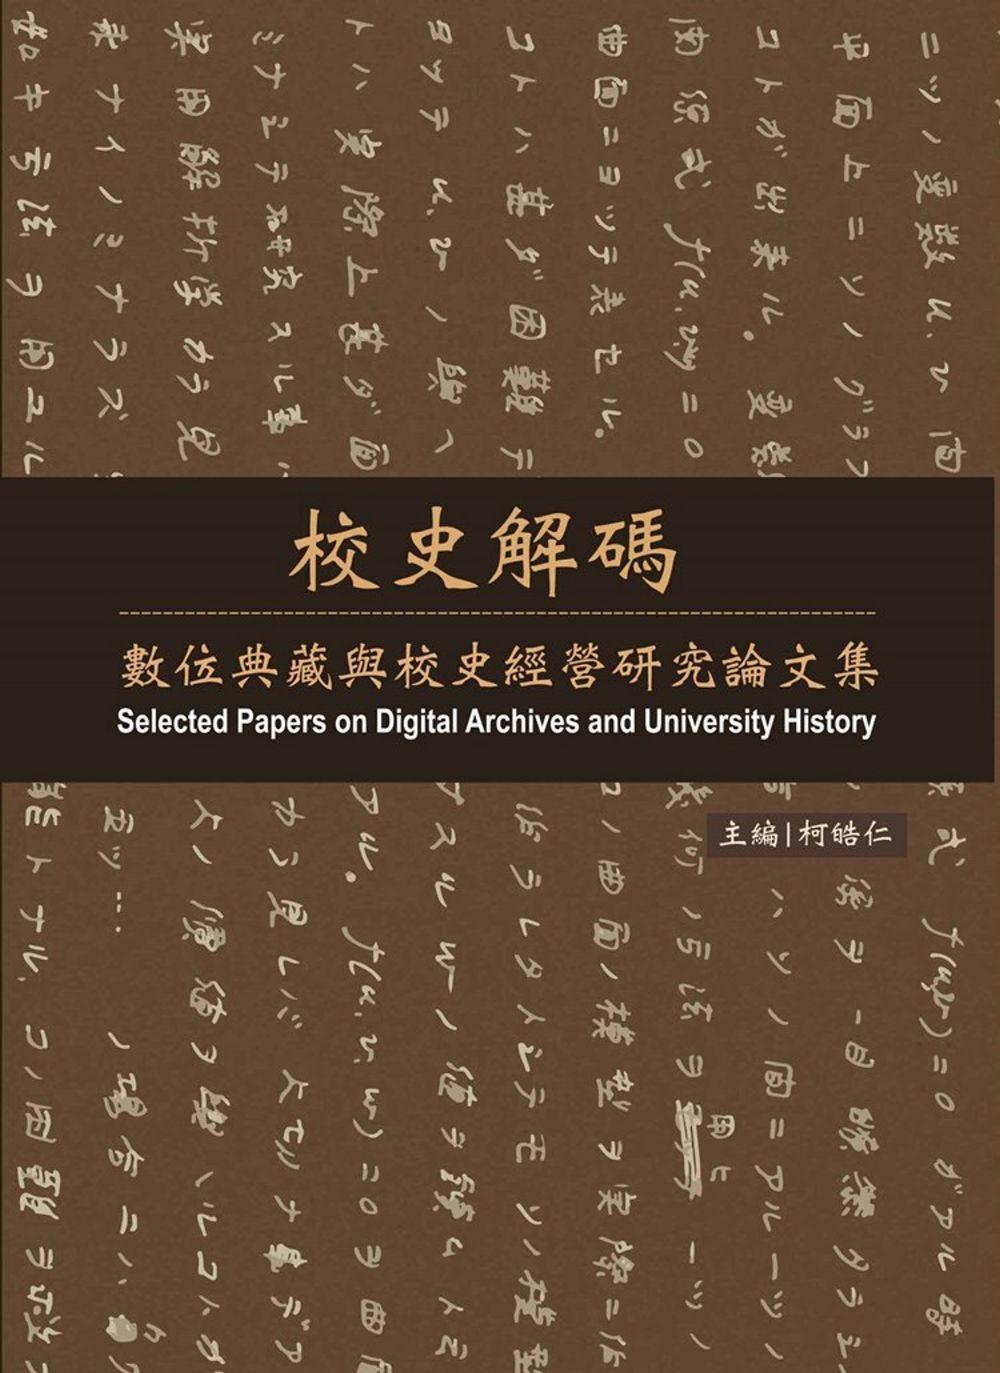 校史解碼:數位典藏與校史經營研究論文集